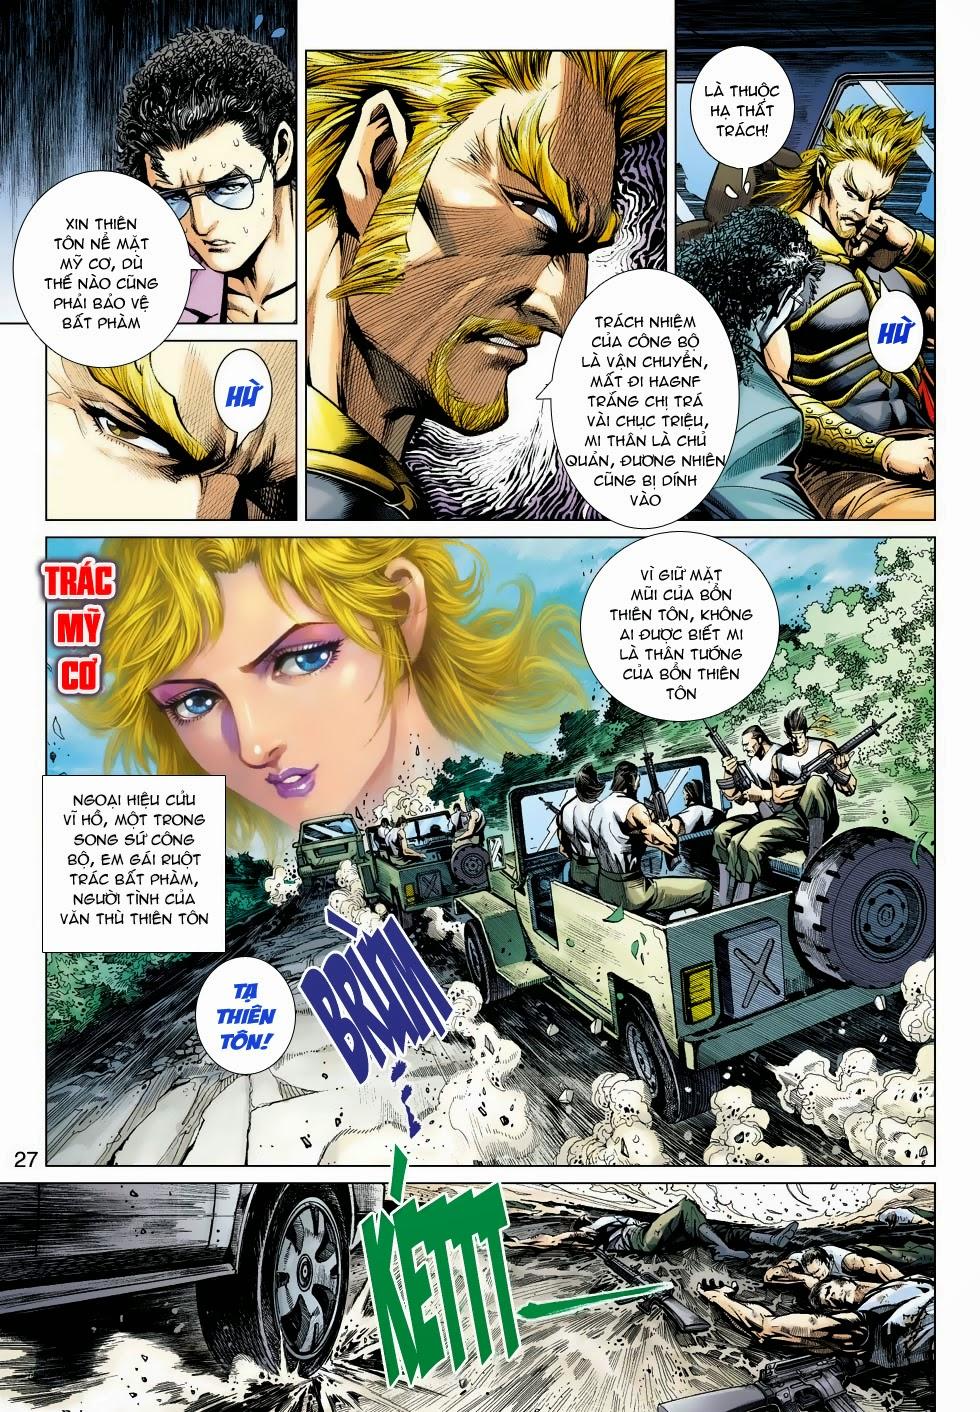 Tân Tác Long Hổ Môn chap 488 - Trang 26